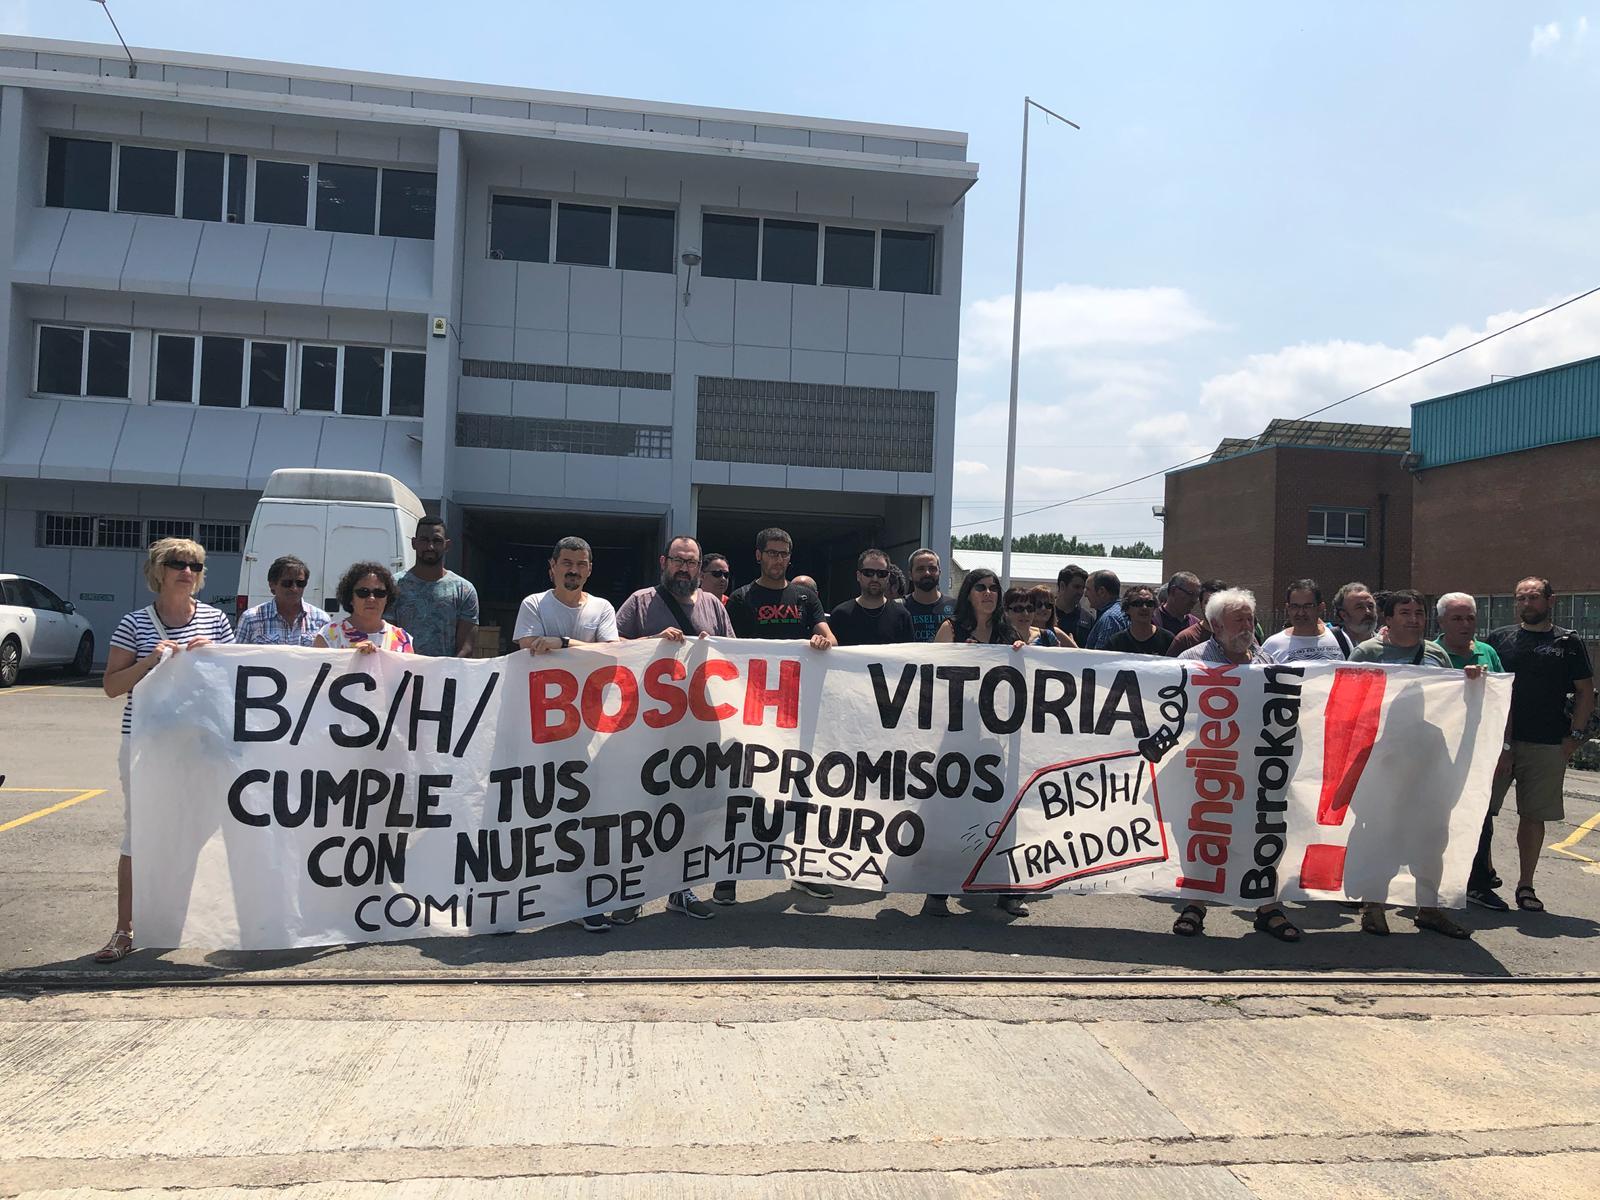 Concentración en BSH-BOSCH de Gasteiz para pedir transparencia